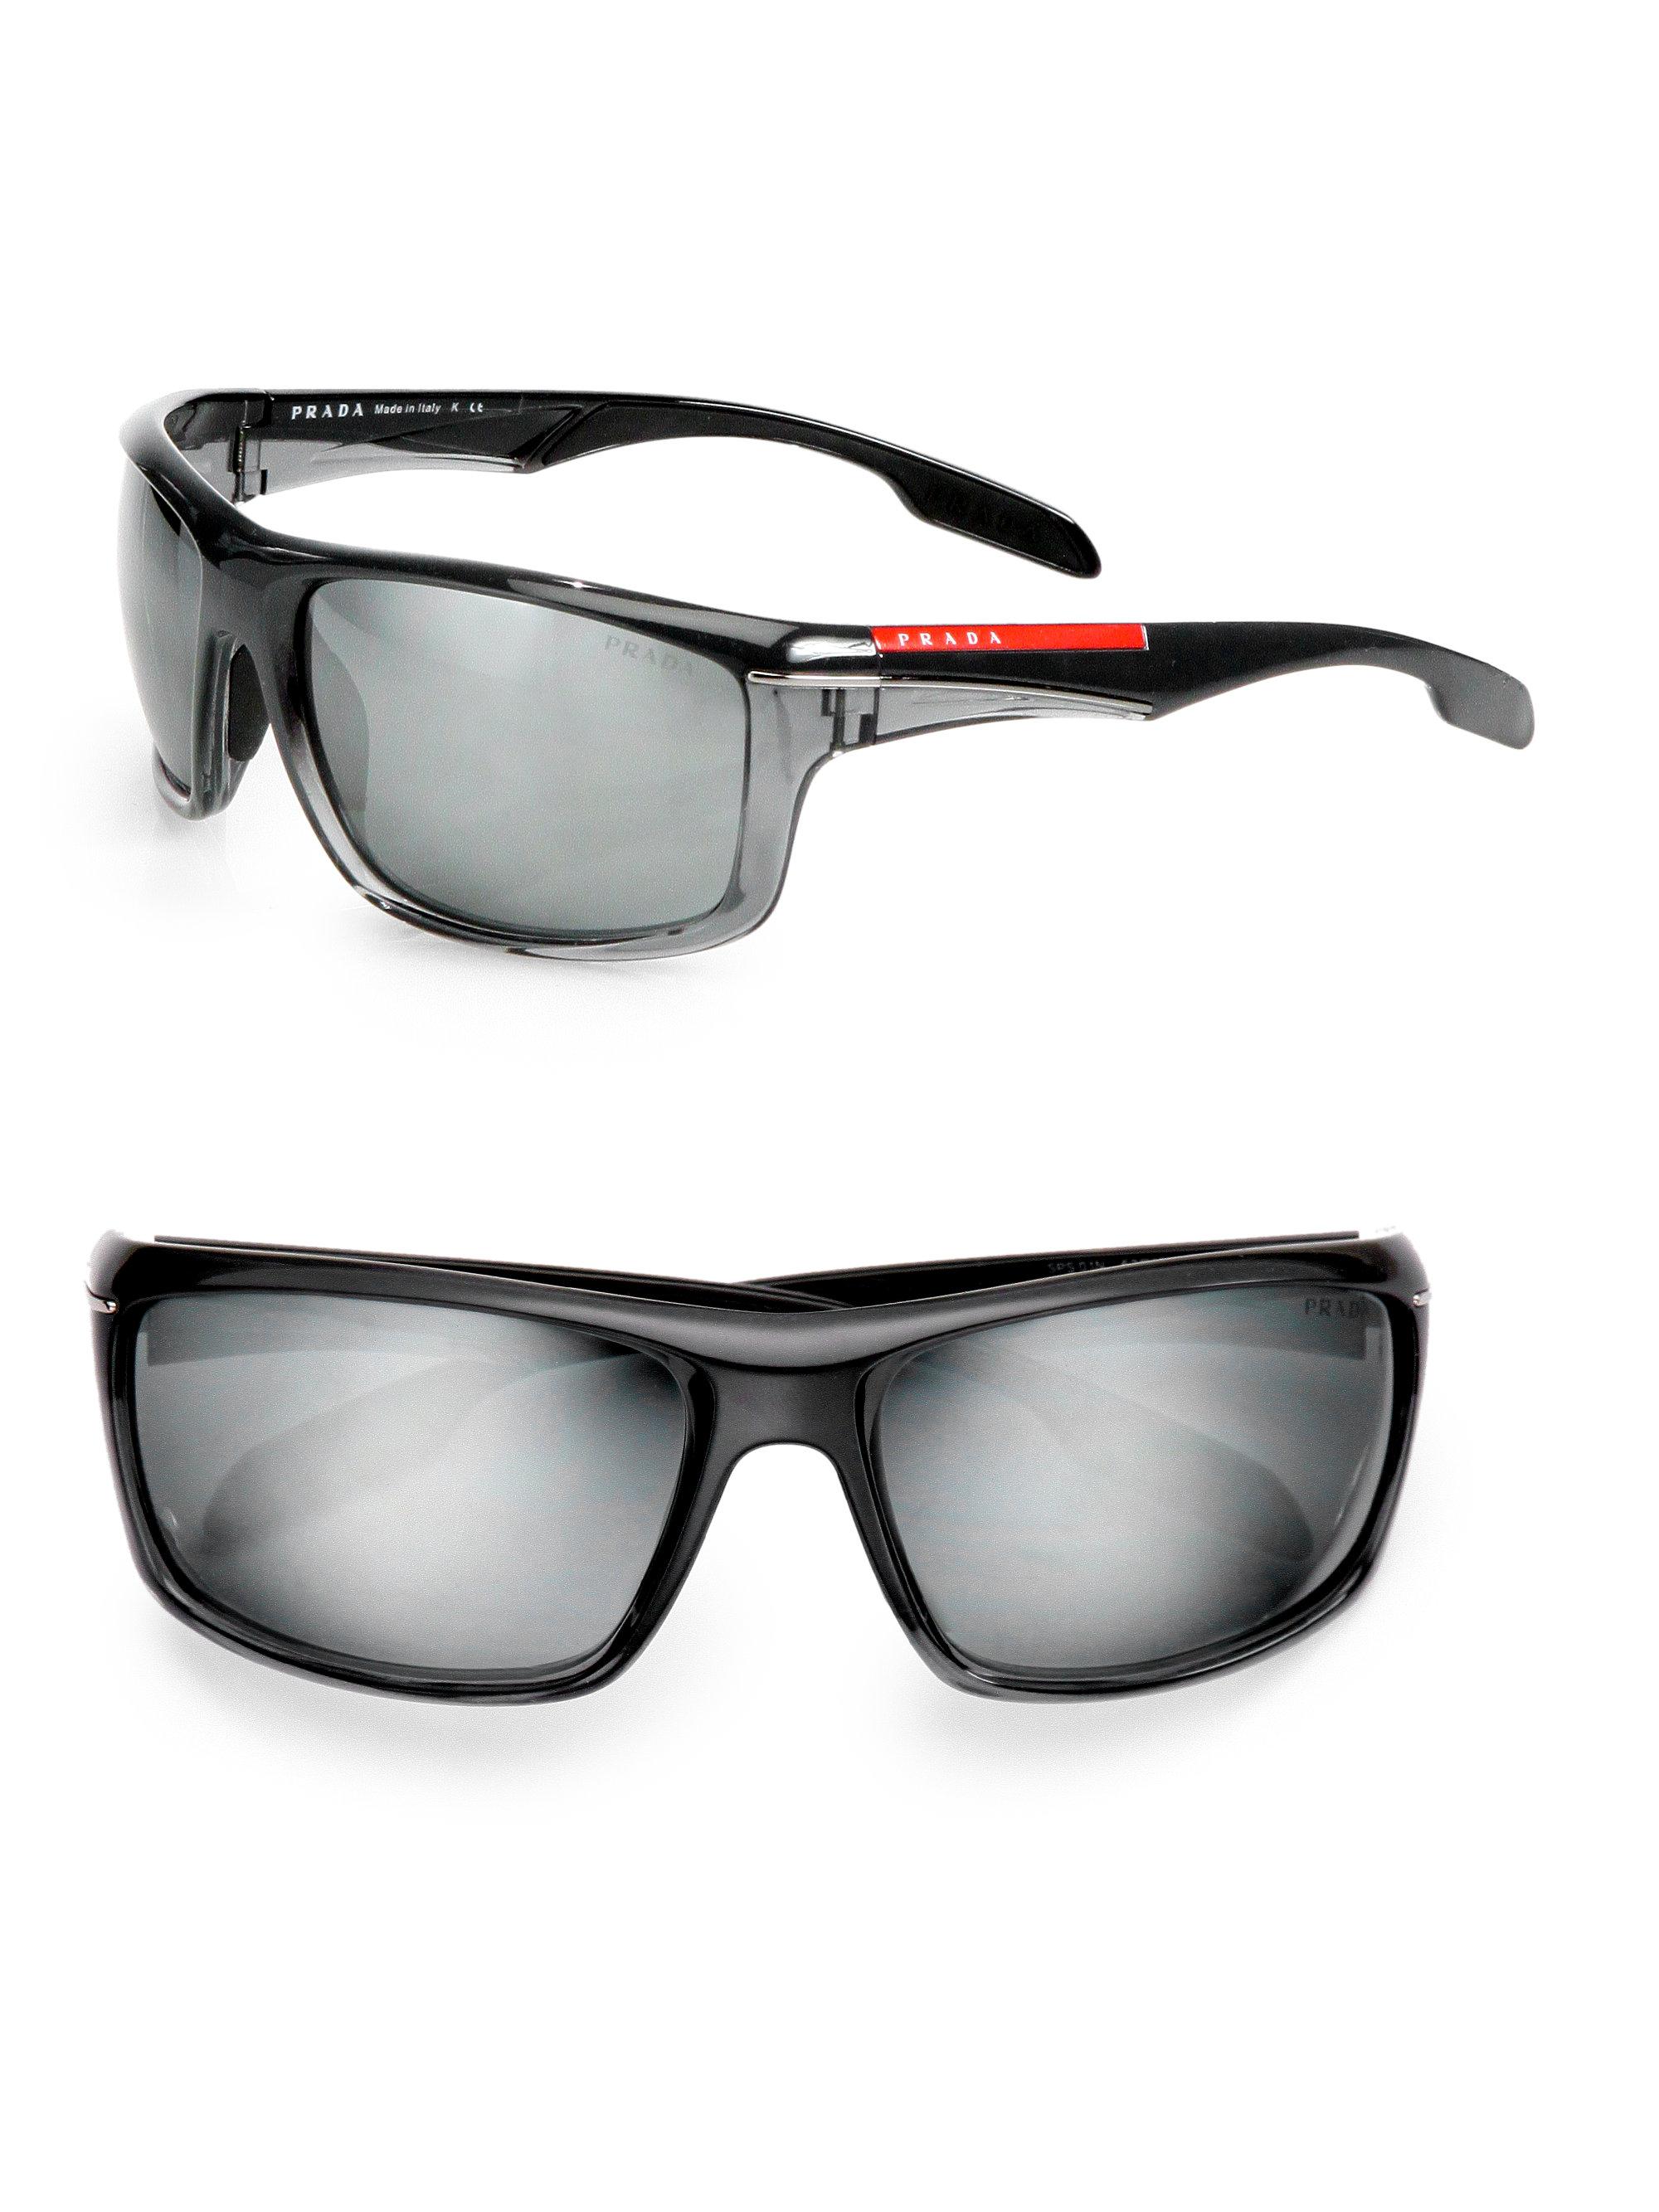 fbb8e707da ... shop prada sport wrap sunglasses in black for men lyst 481d5 c7a15